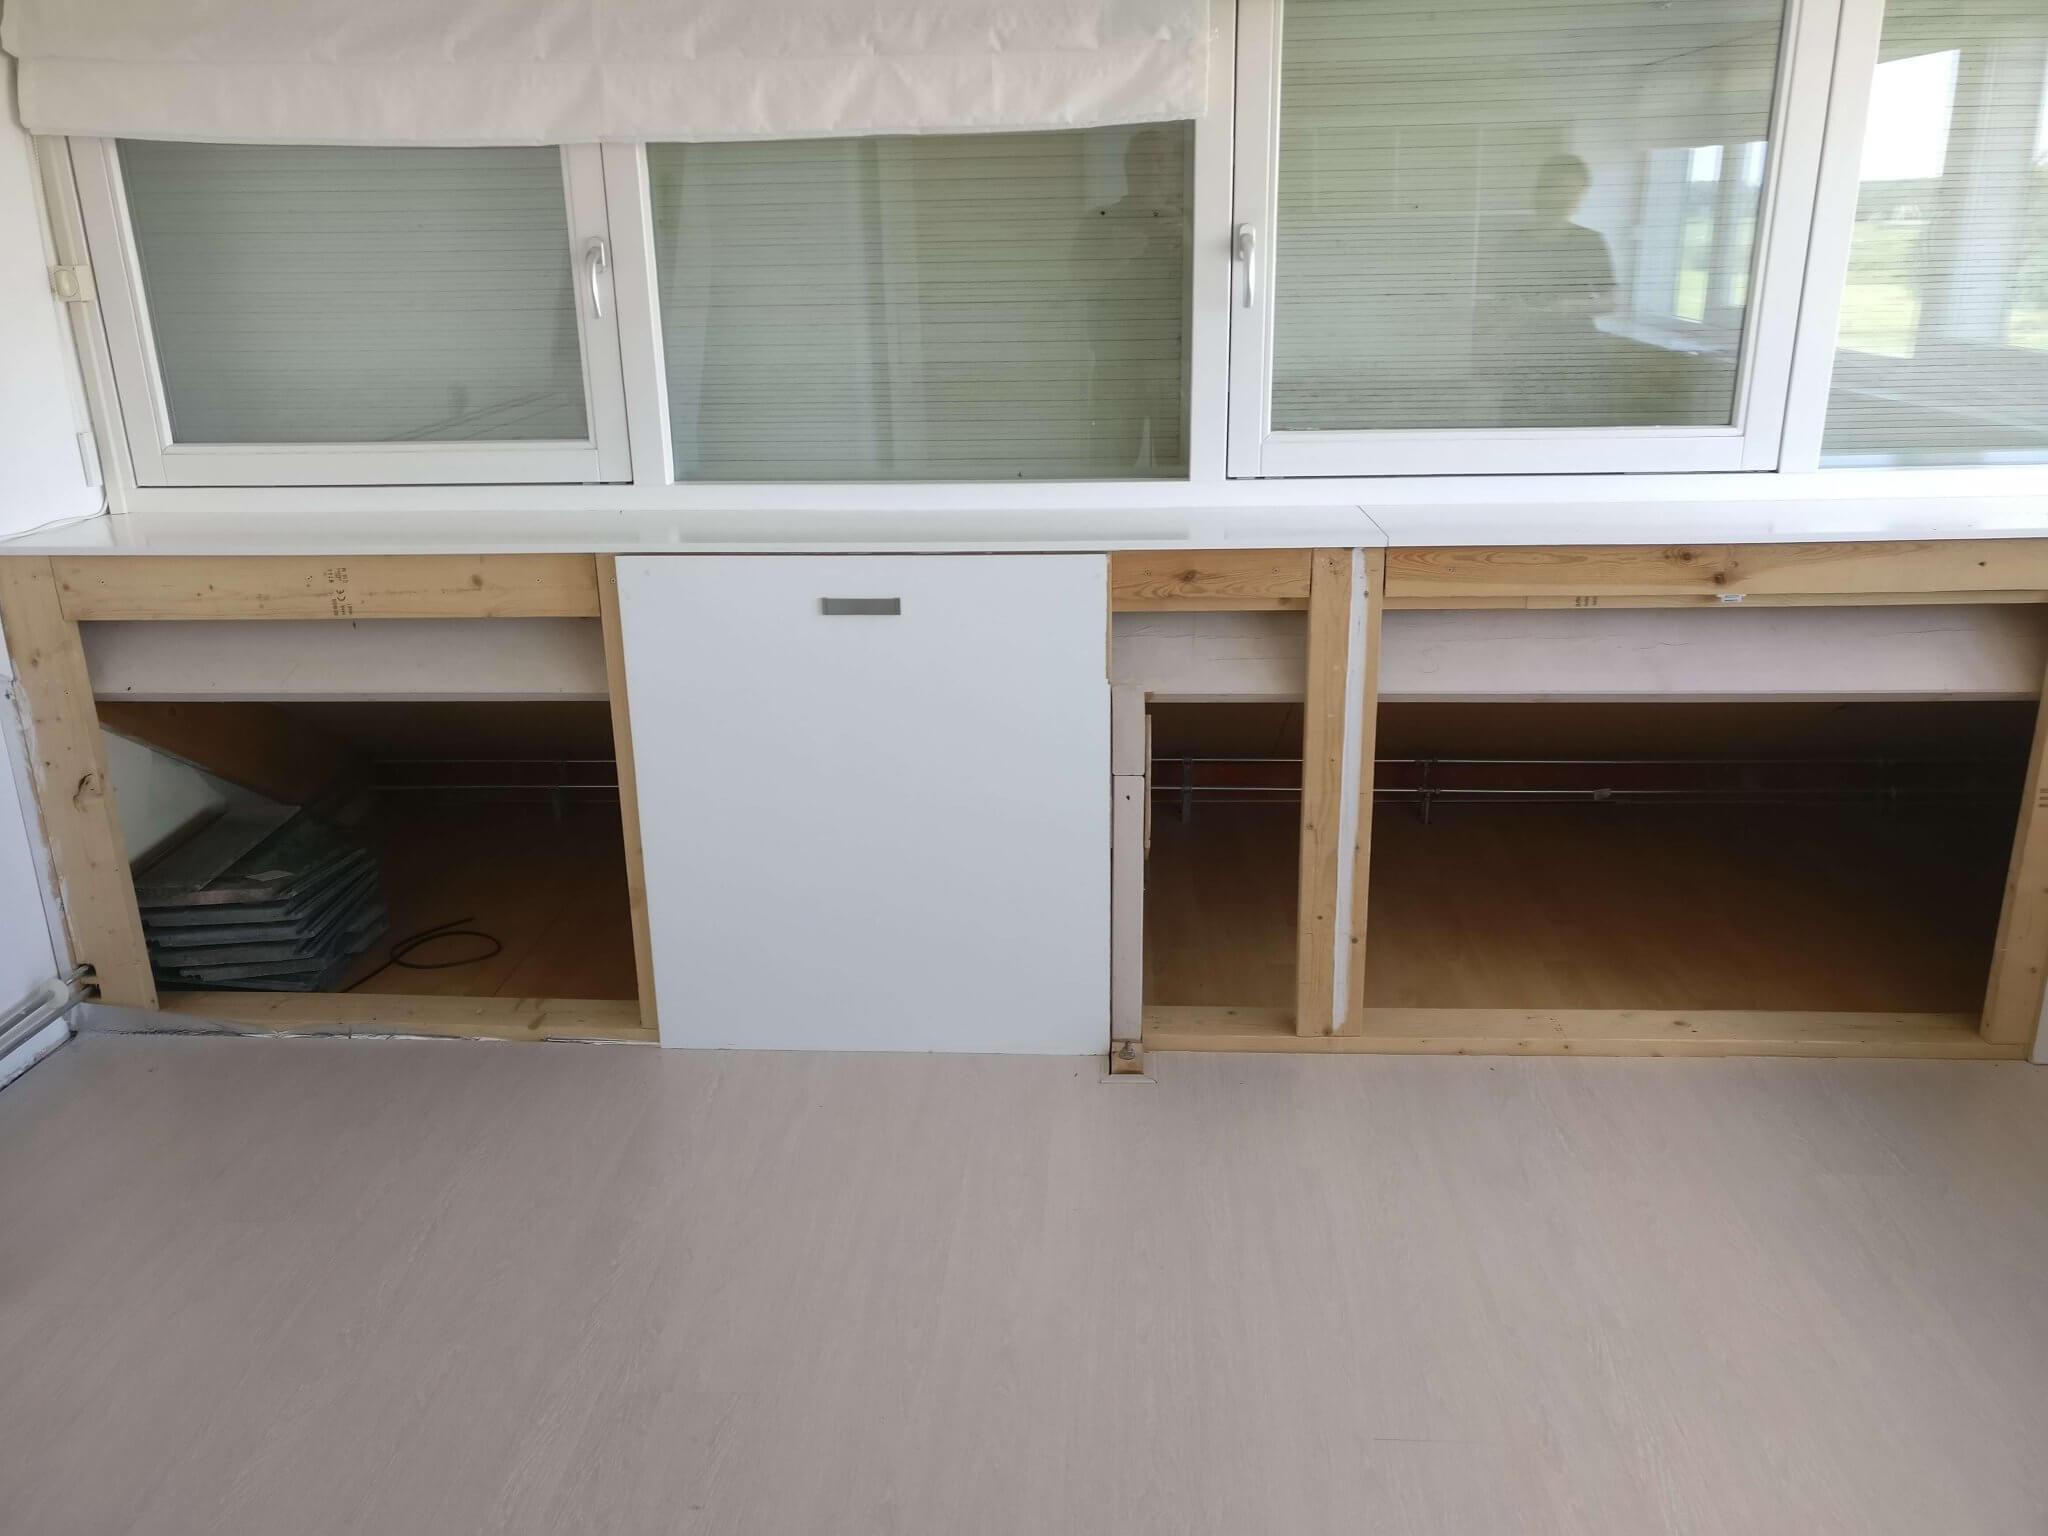 Brede vensterbank met daaronder opslagruimte